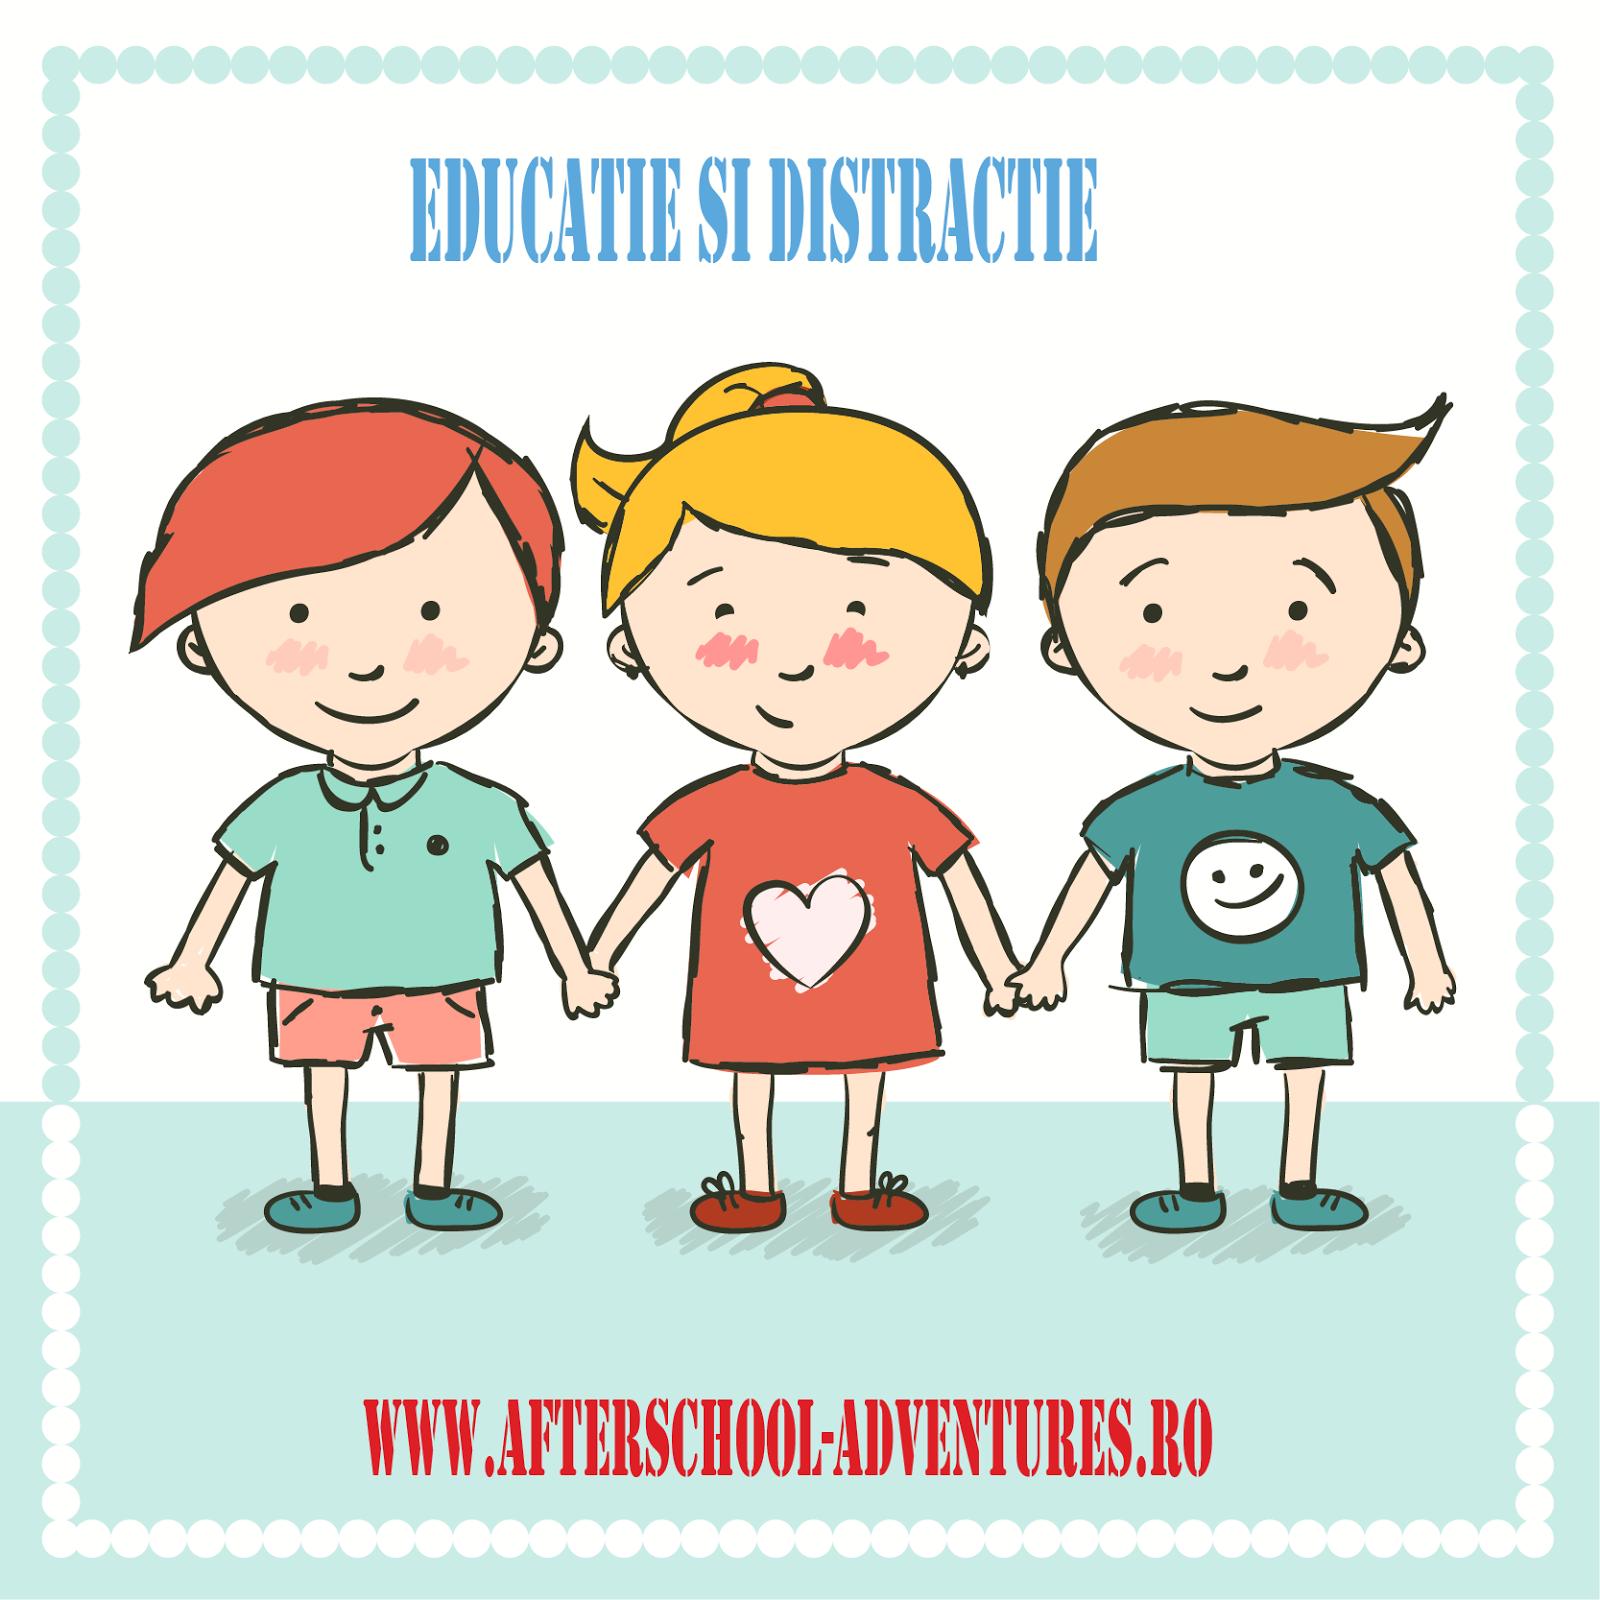 Afterschool adeventures timisoara